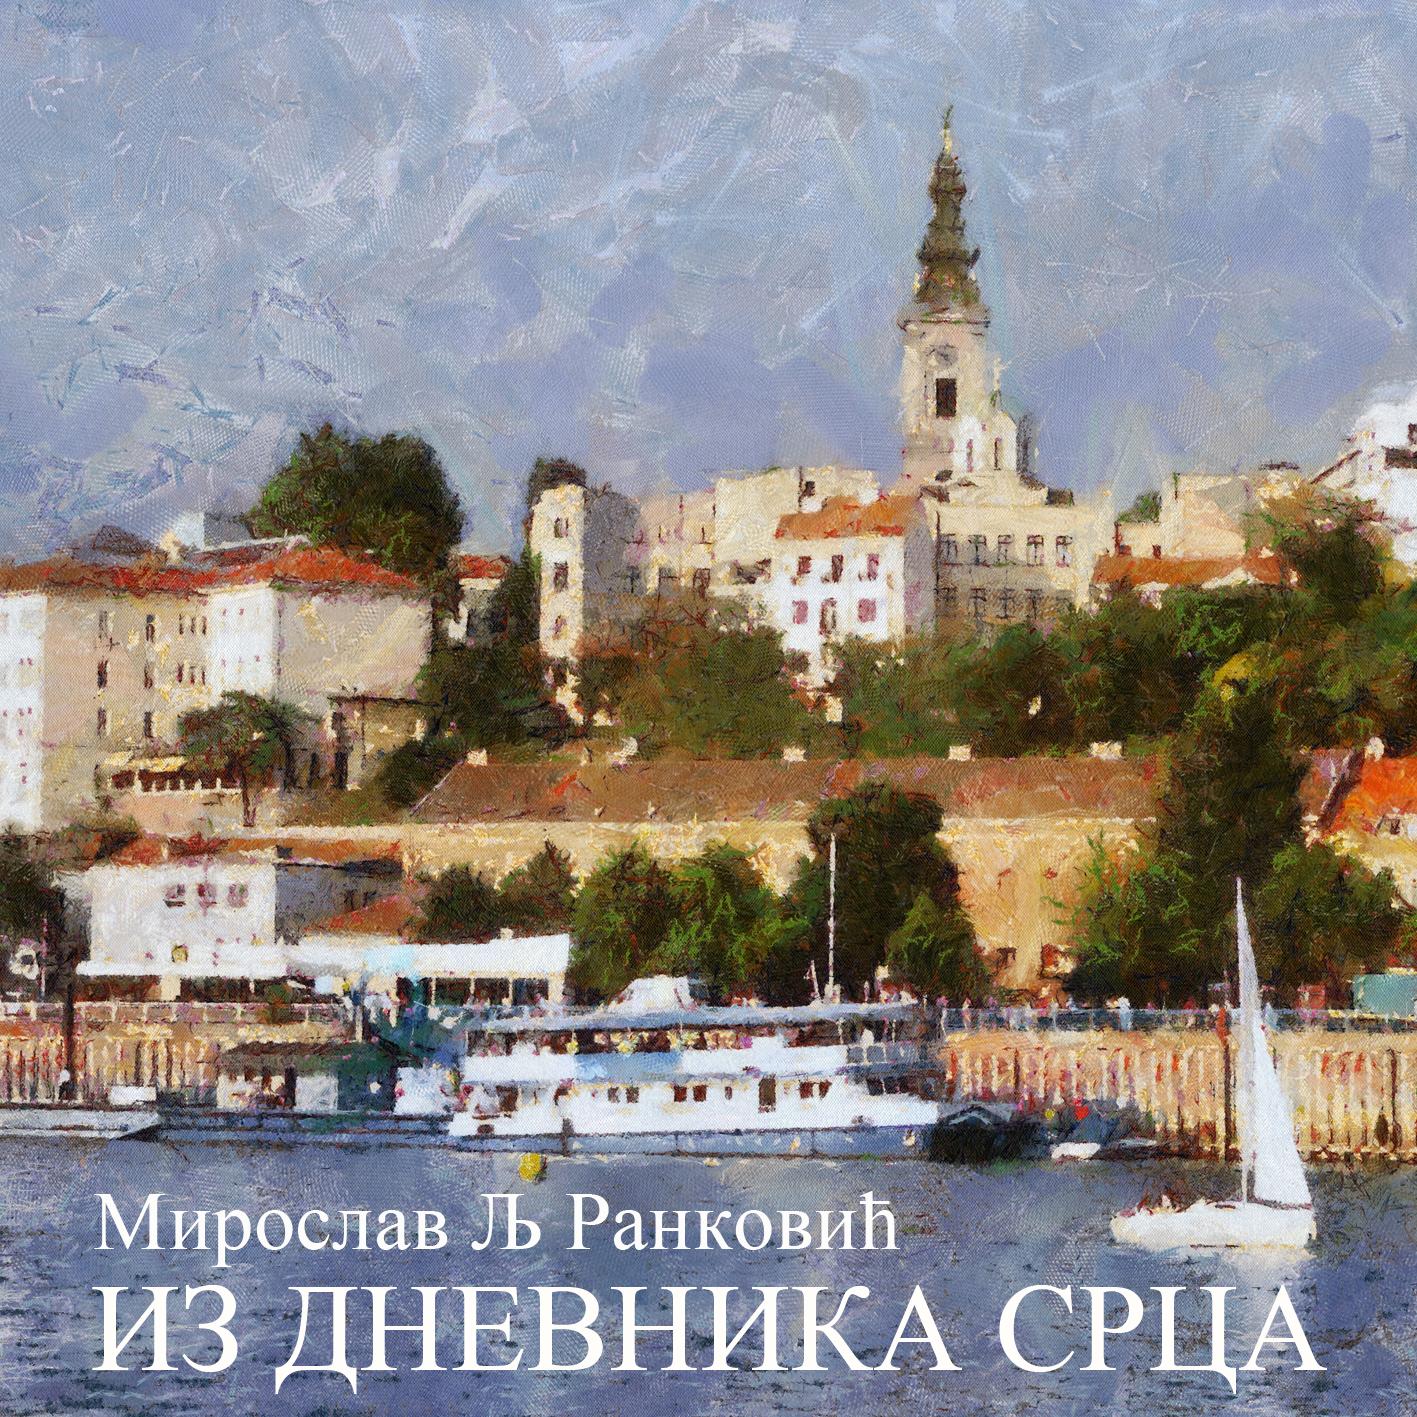 Београдска љубавна